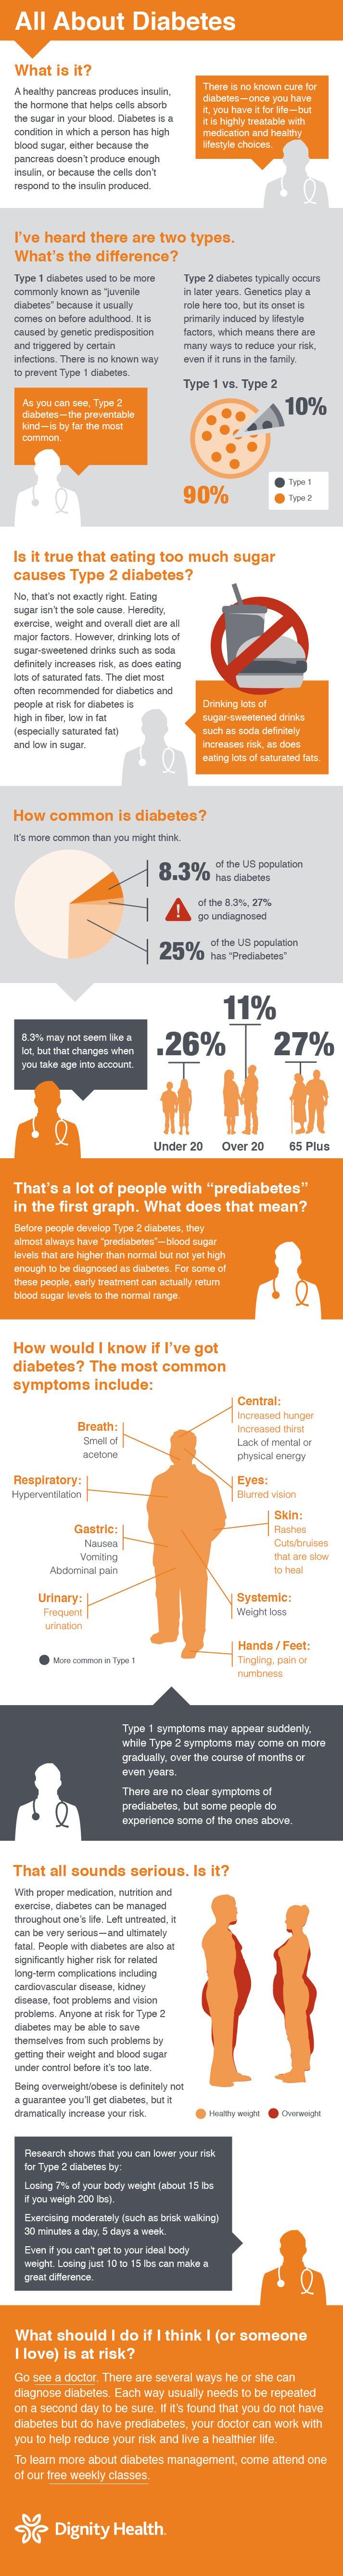 diabetes_infographic